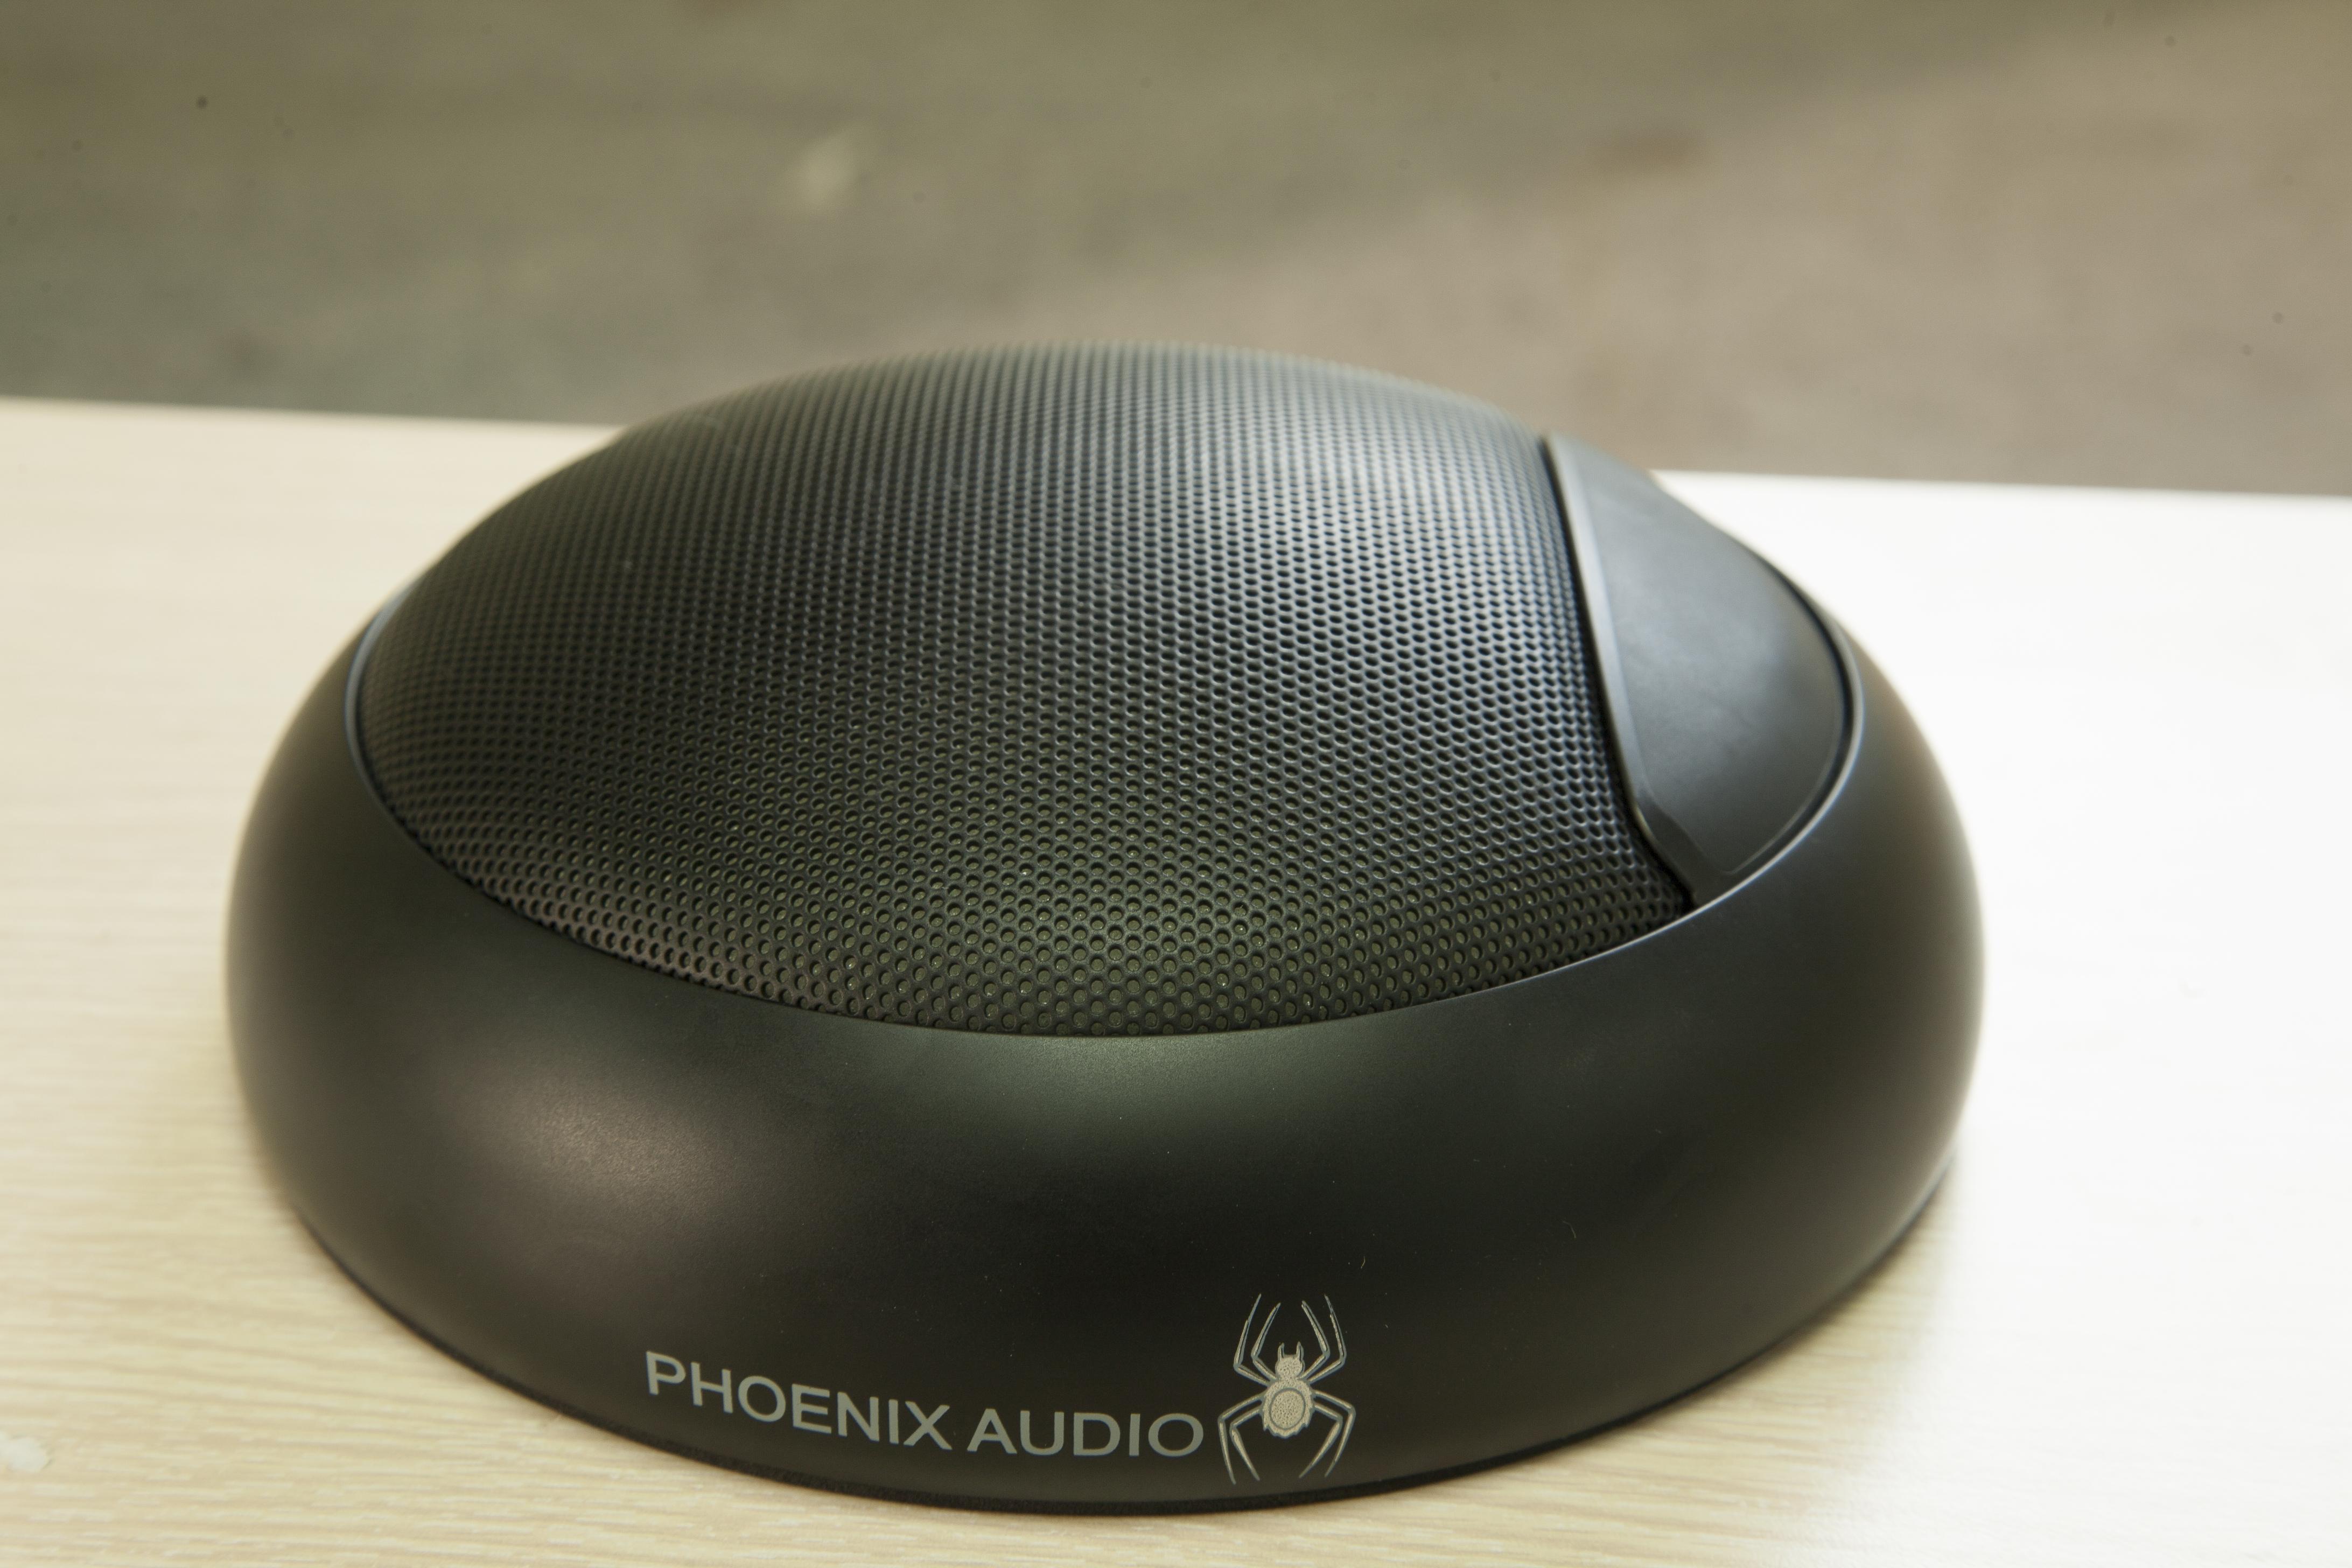 Tổng hợp các Sản phẩm Speakerphone Phoenix bán chạy nhất